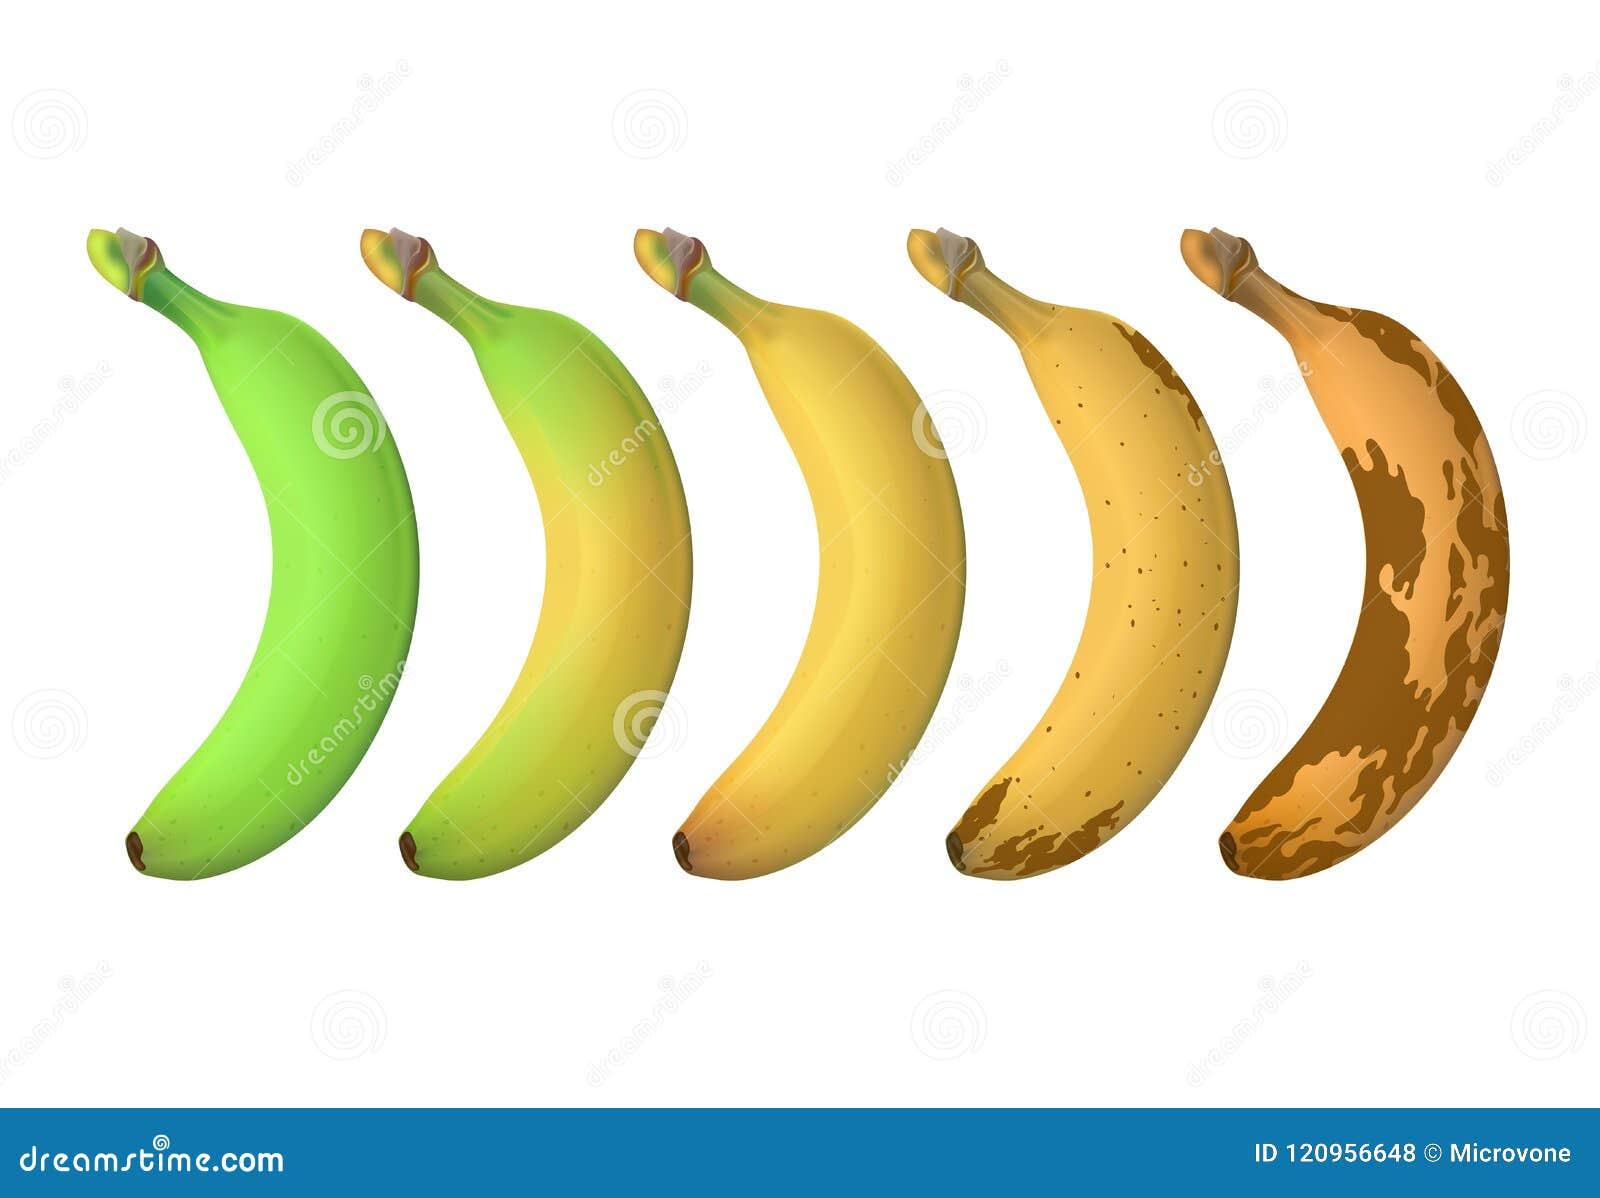 De rijpheidsniveaus van het banaanfruit van groene underripe aan bruine rot Vectordiereeks op witte achtergrond wordt geïsoleerd